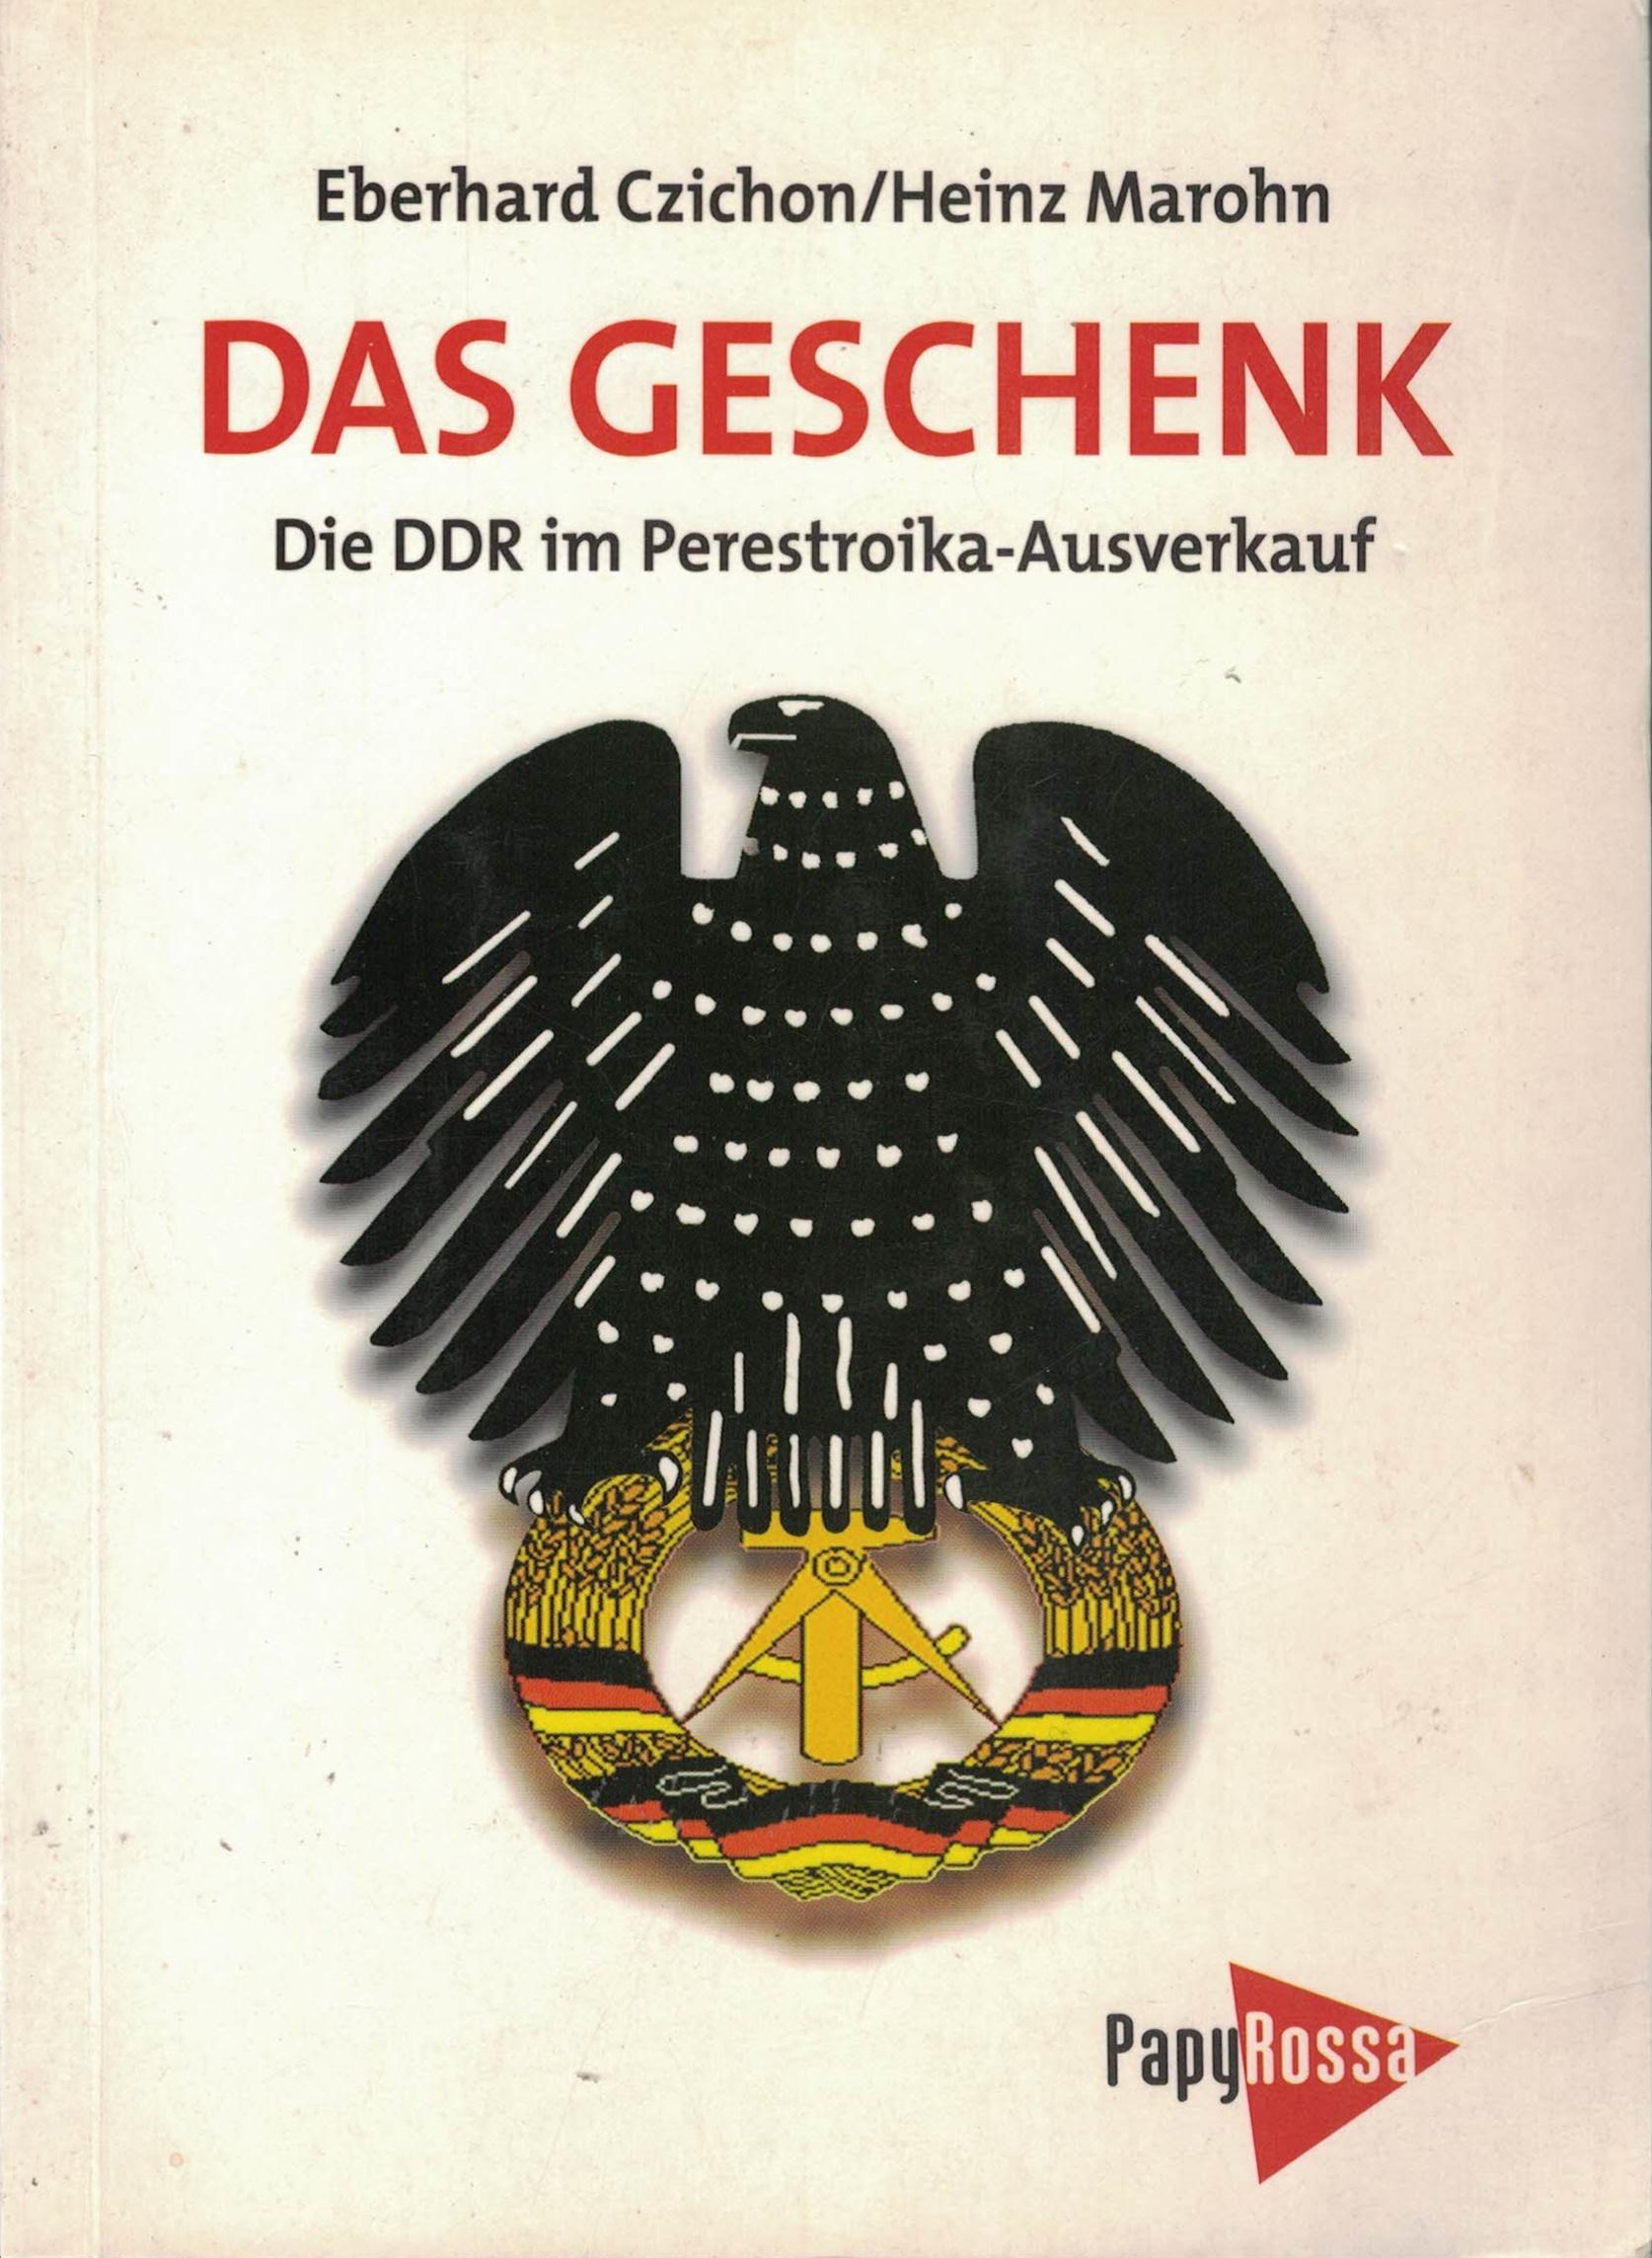 Eberhard Czichon/Heinz Marohn - Das Geschenk - Die DDR im Perestroika-Ausverkauf - Ein Report